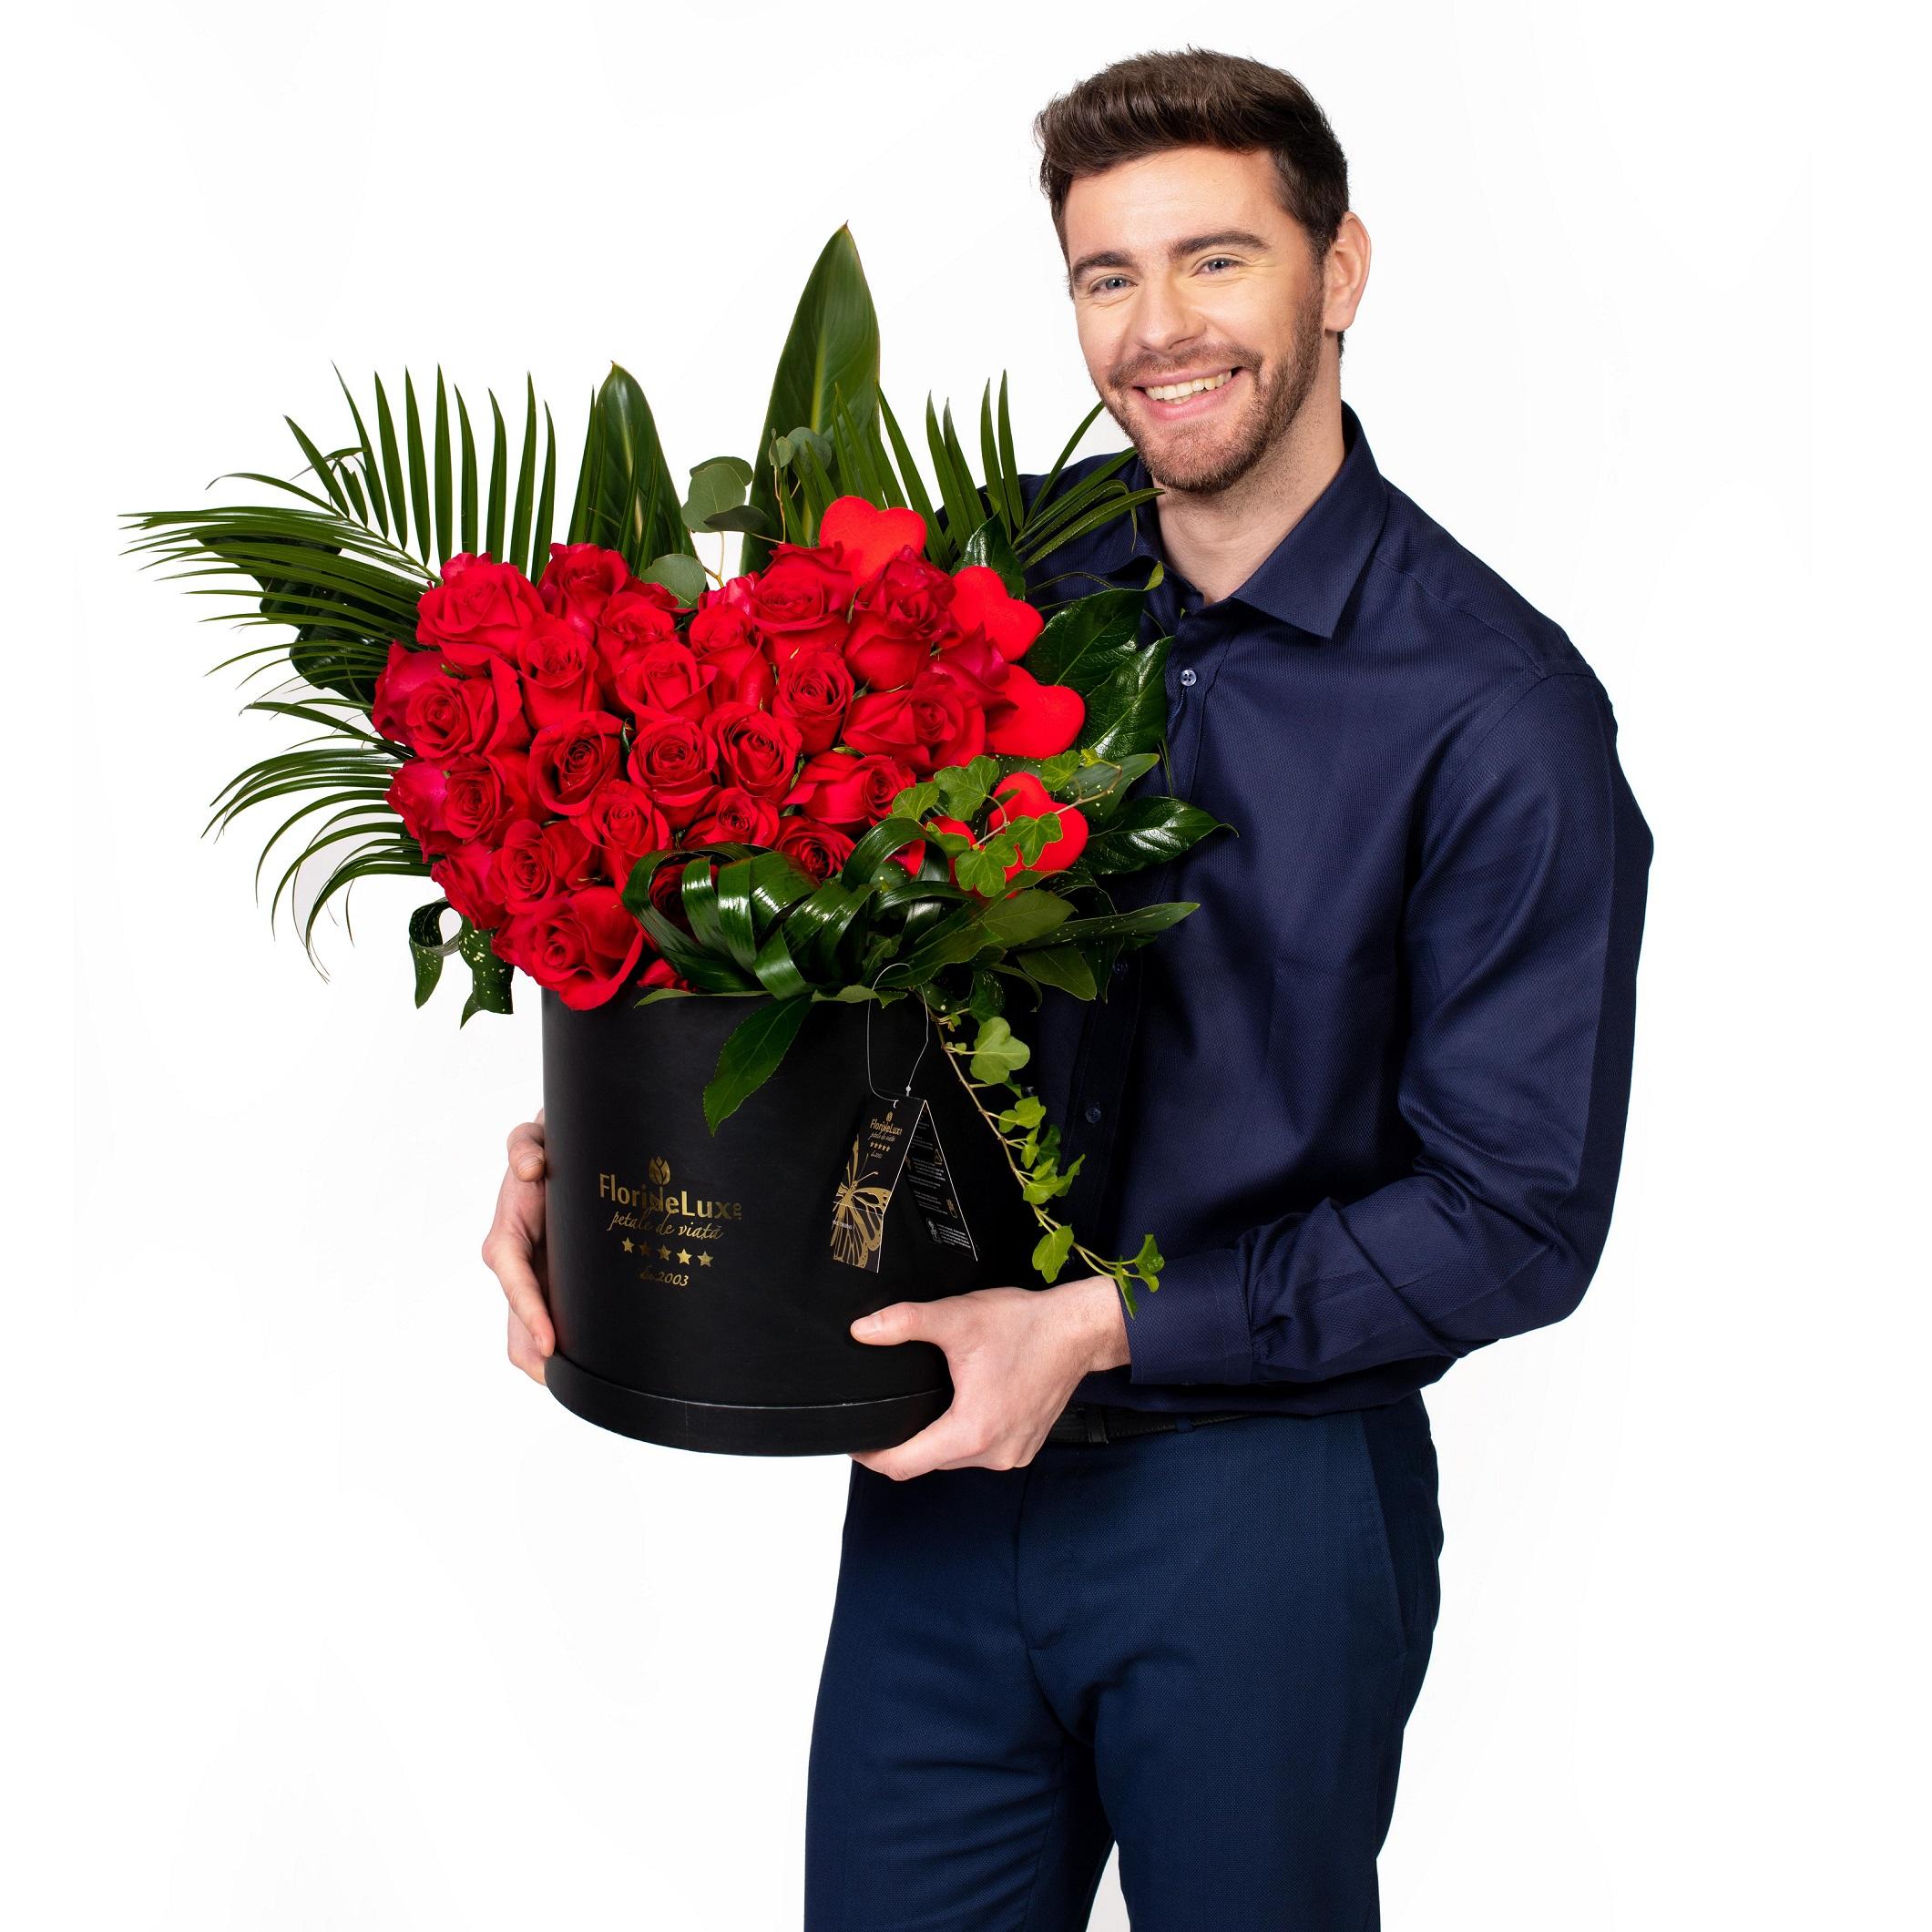 FlorideLux.ro estimeaza vanzari de 60.000 euro cu ocazia Valentine`s Day